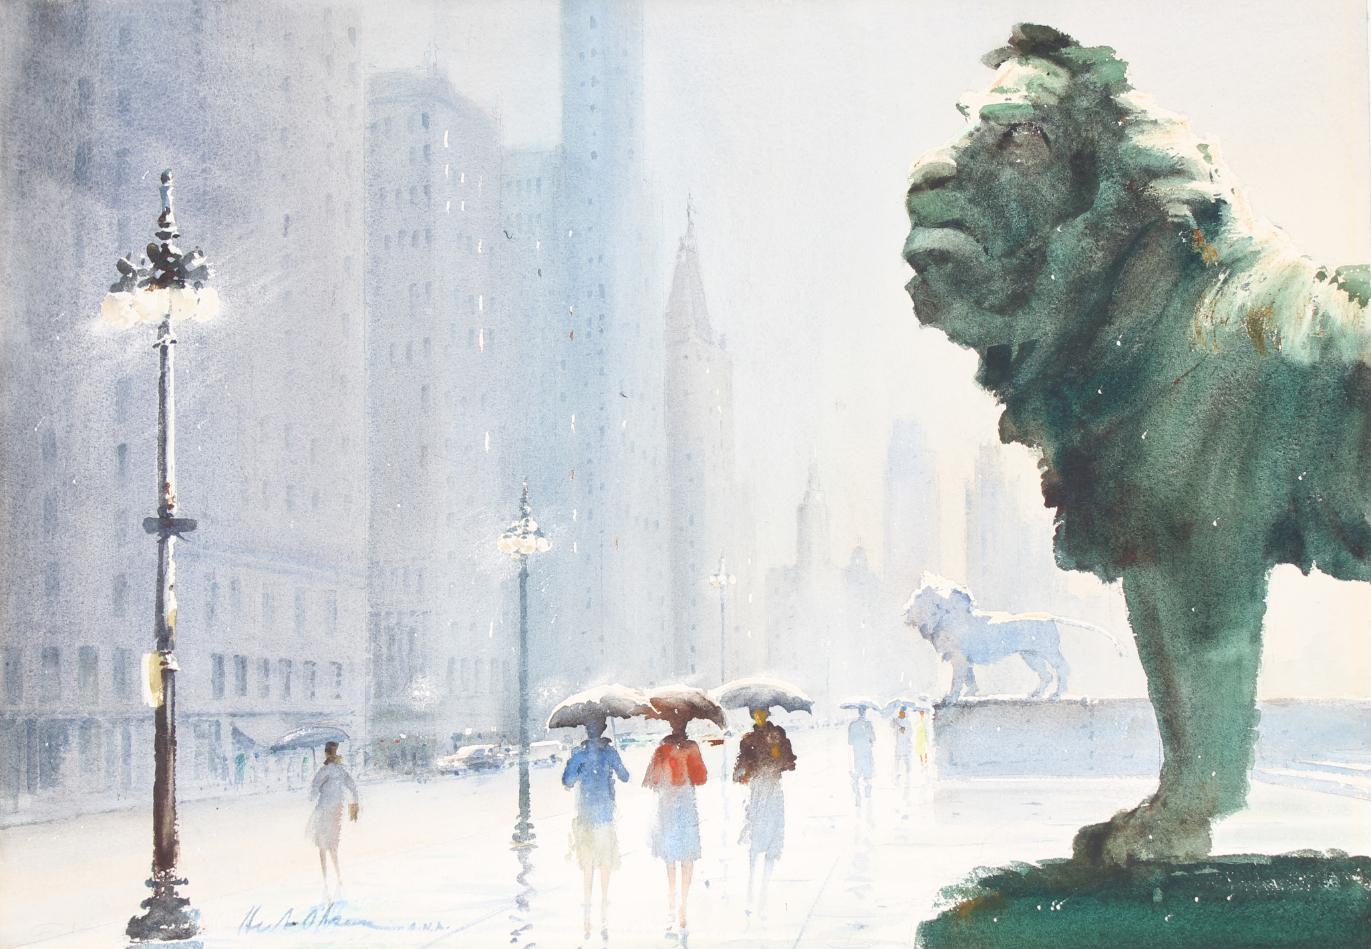 Herbert Olsen (1905-1973) Art Institute of Chicago